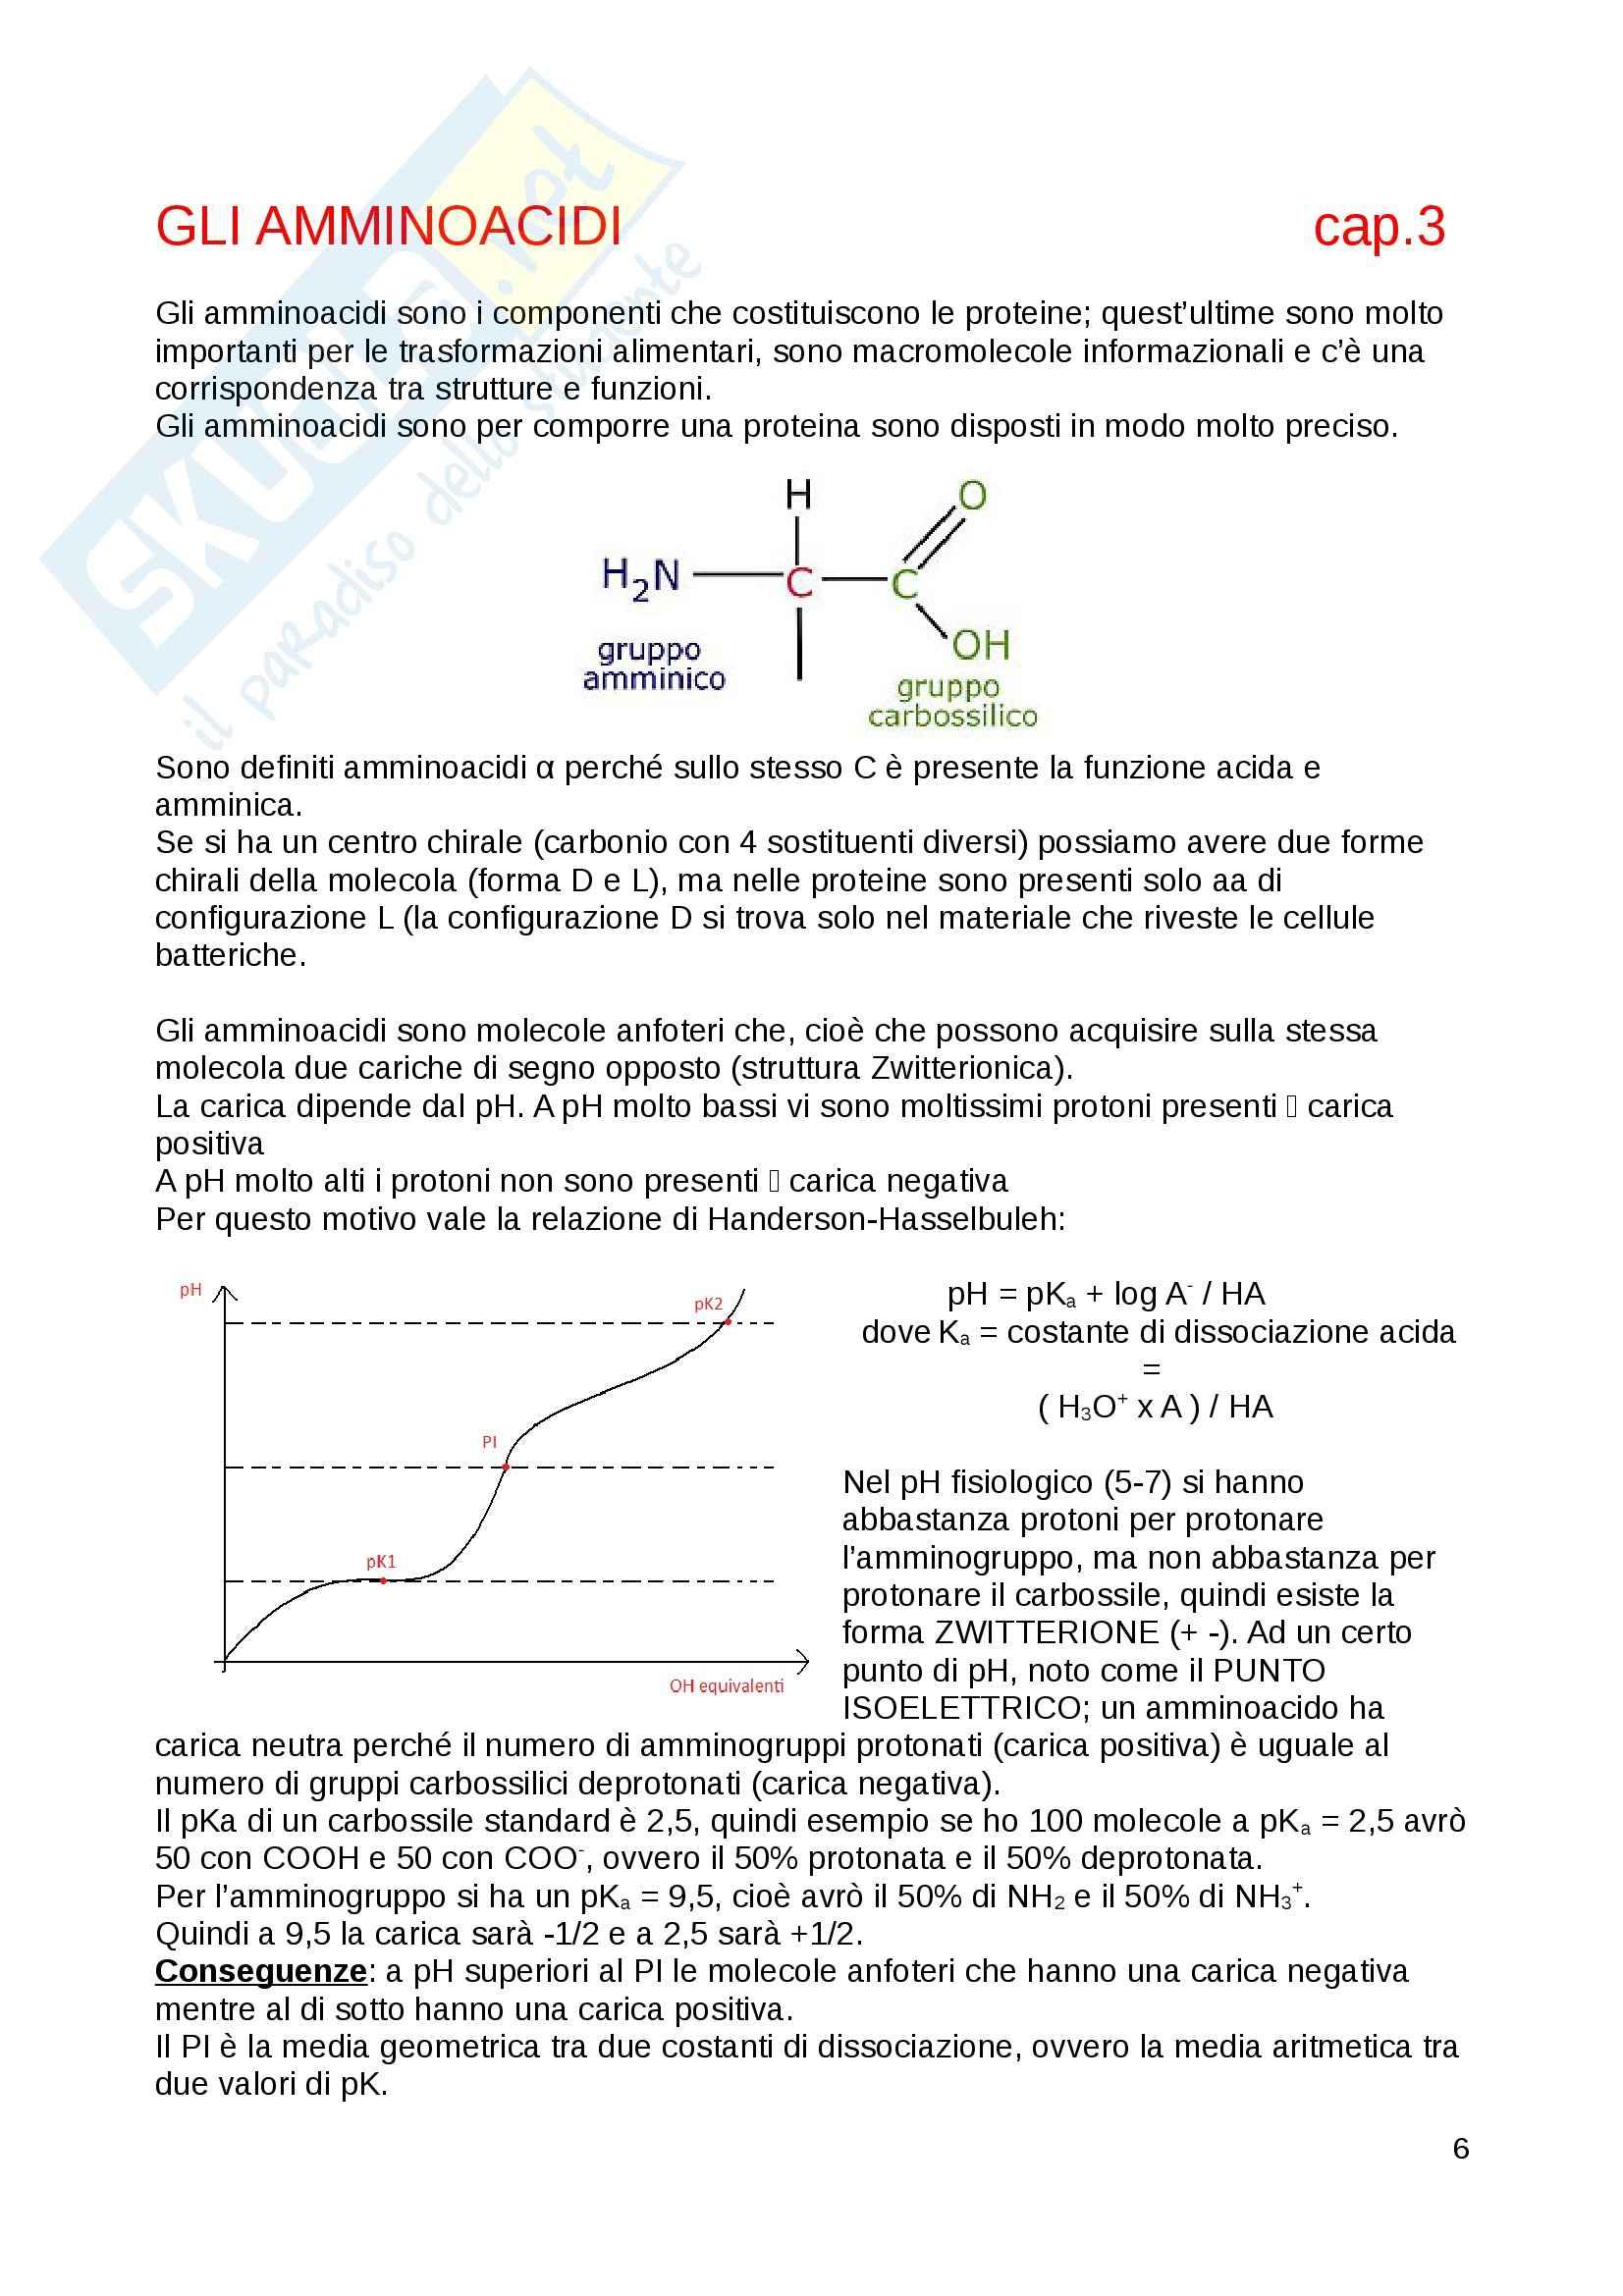 Biochimica generale - Appunti Pag. 6